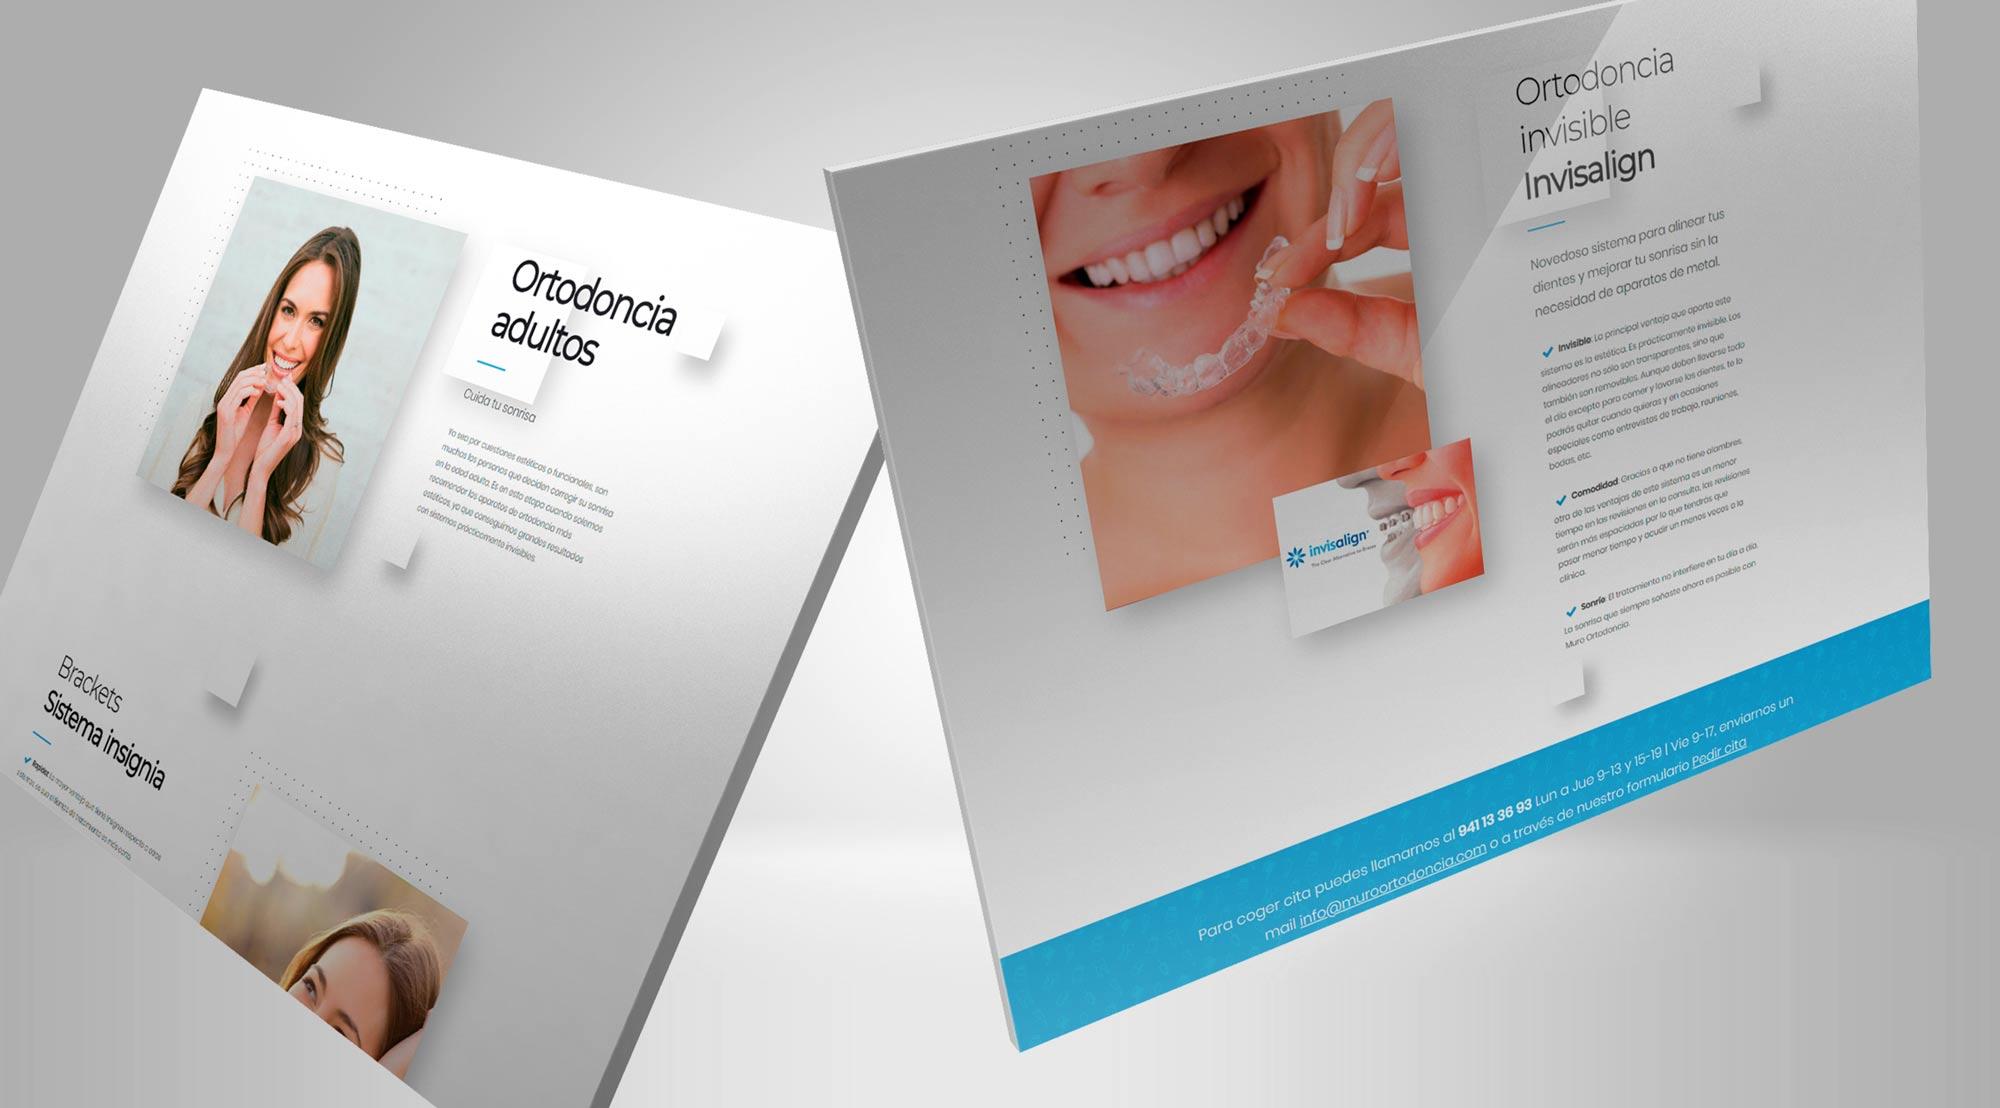 Web muro ortodoncia